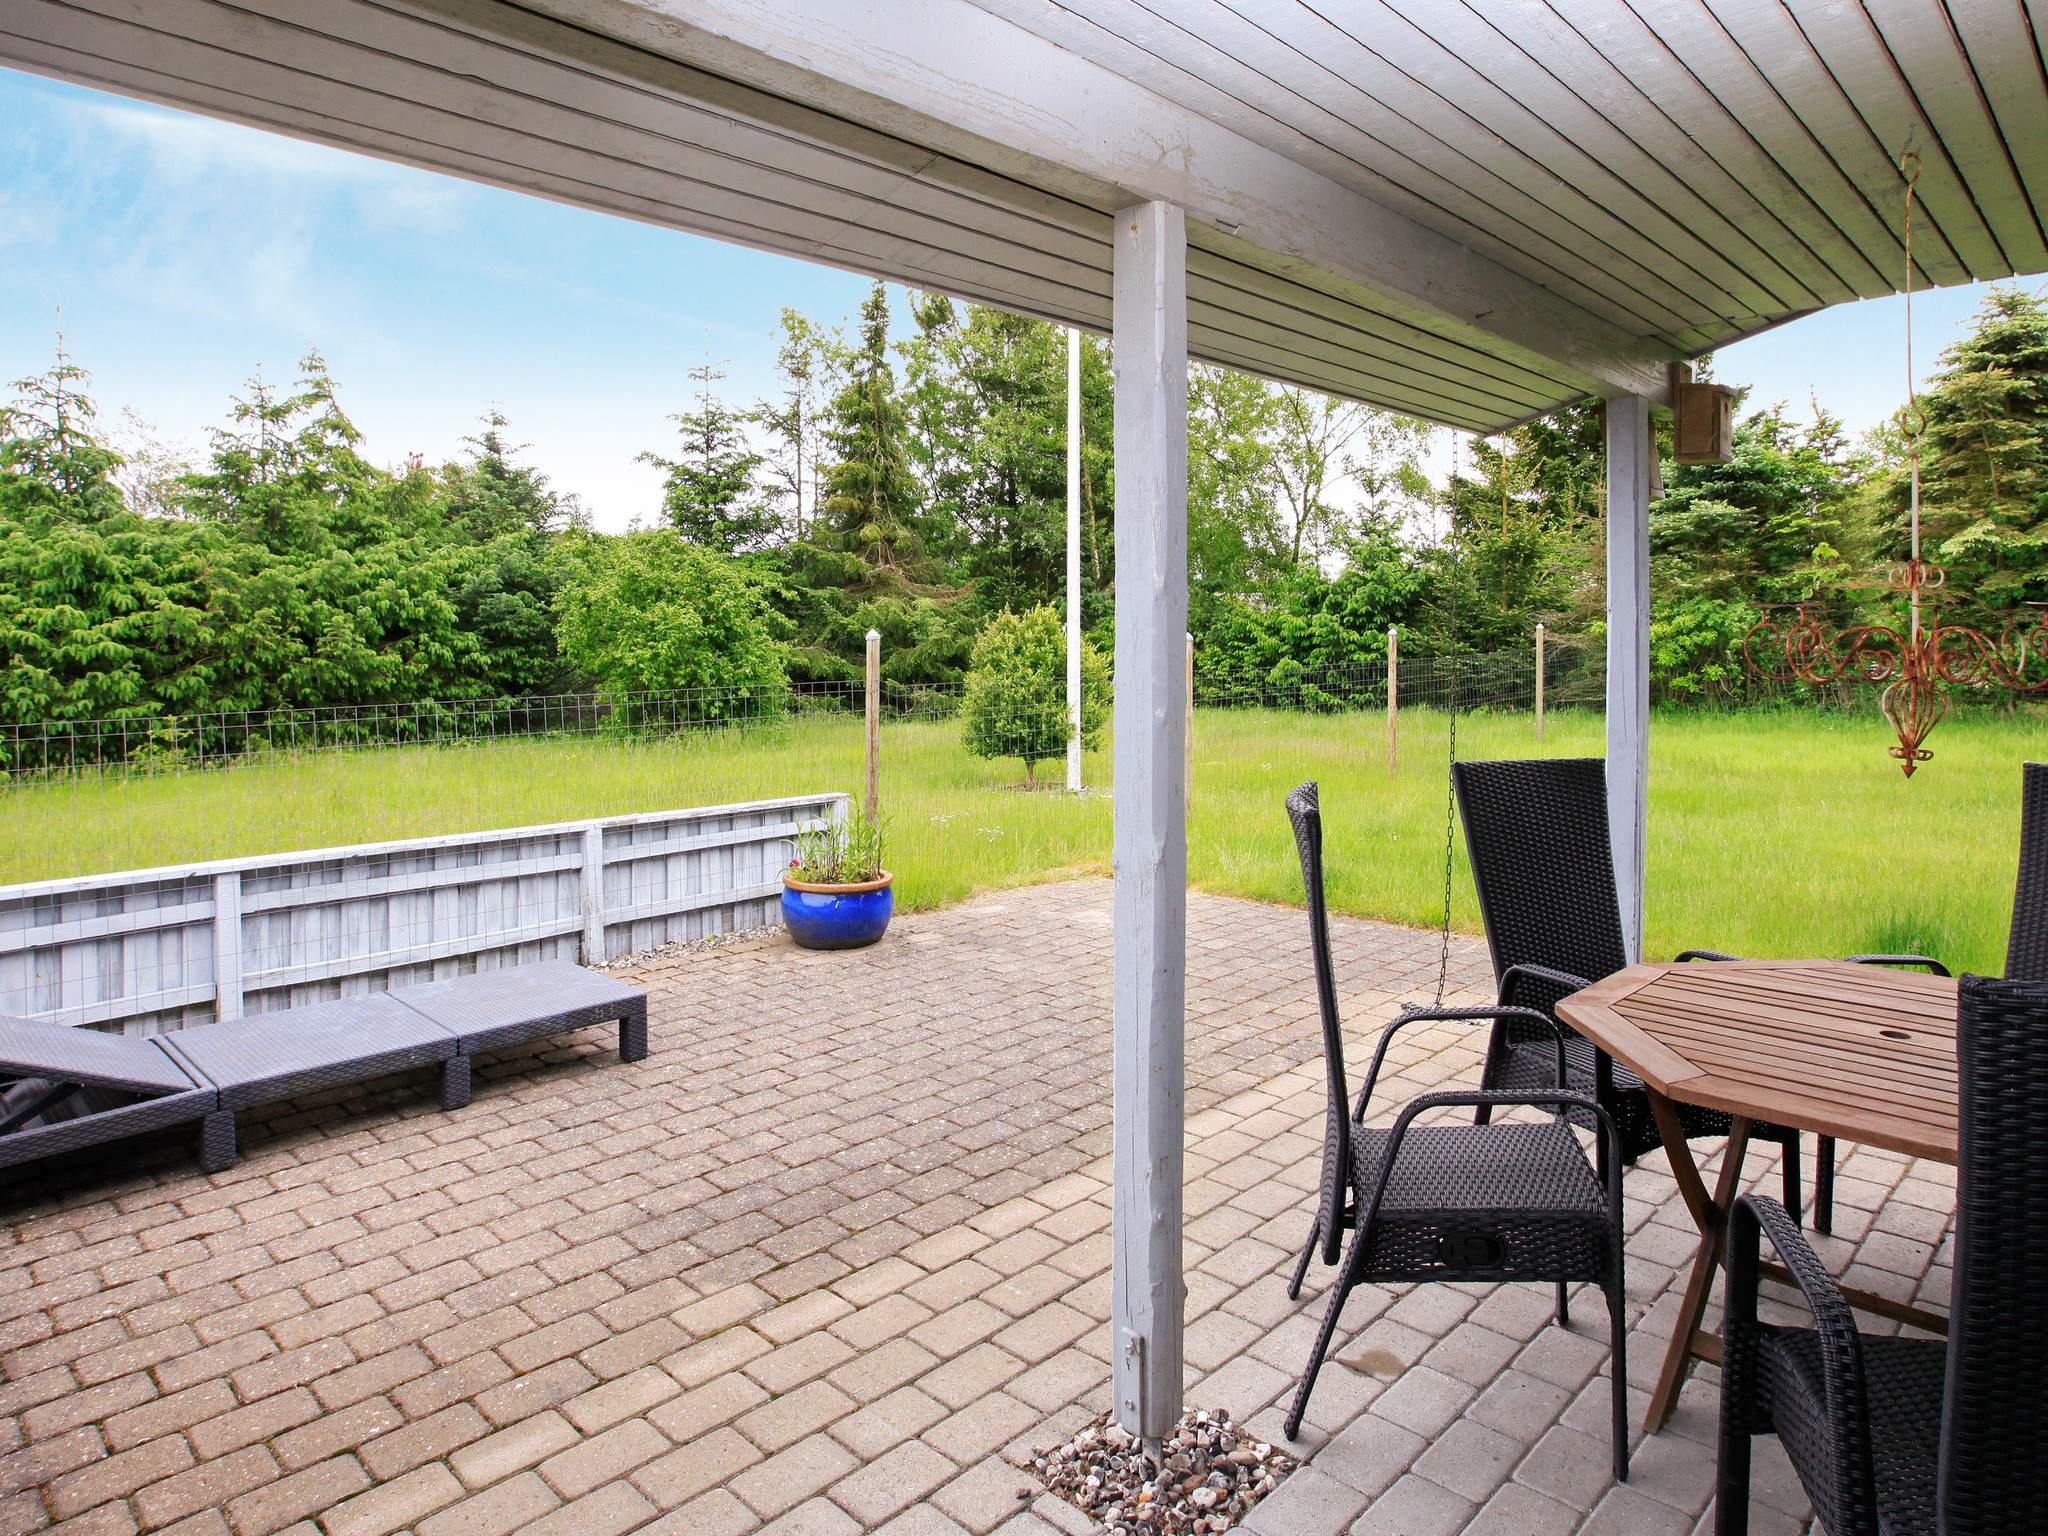 Ferienhaus Hals/Koldkær (359577), Hals, , Nordostjütland, Dänemark, Bild 20